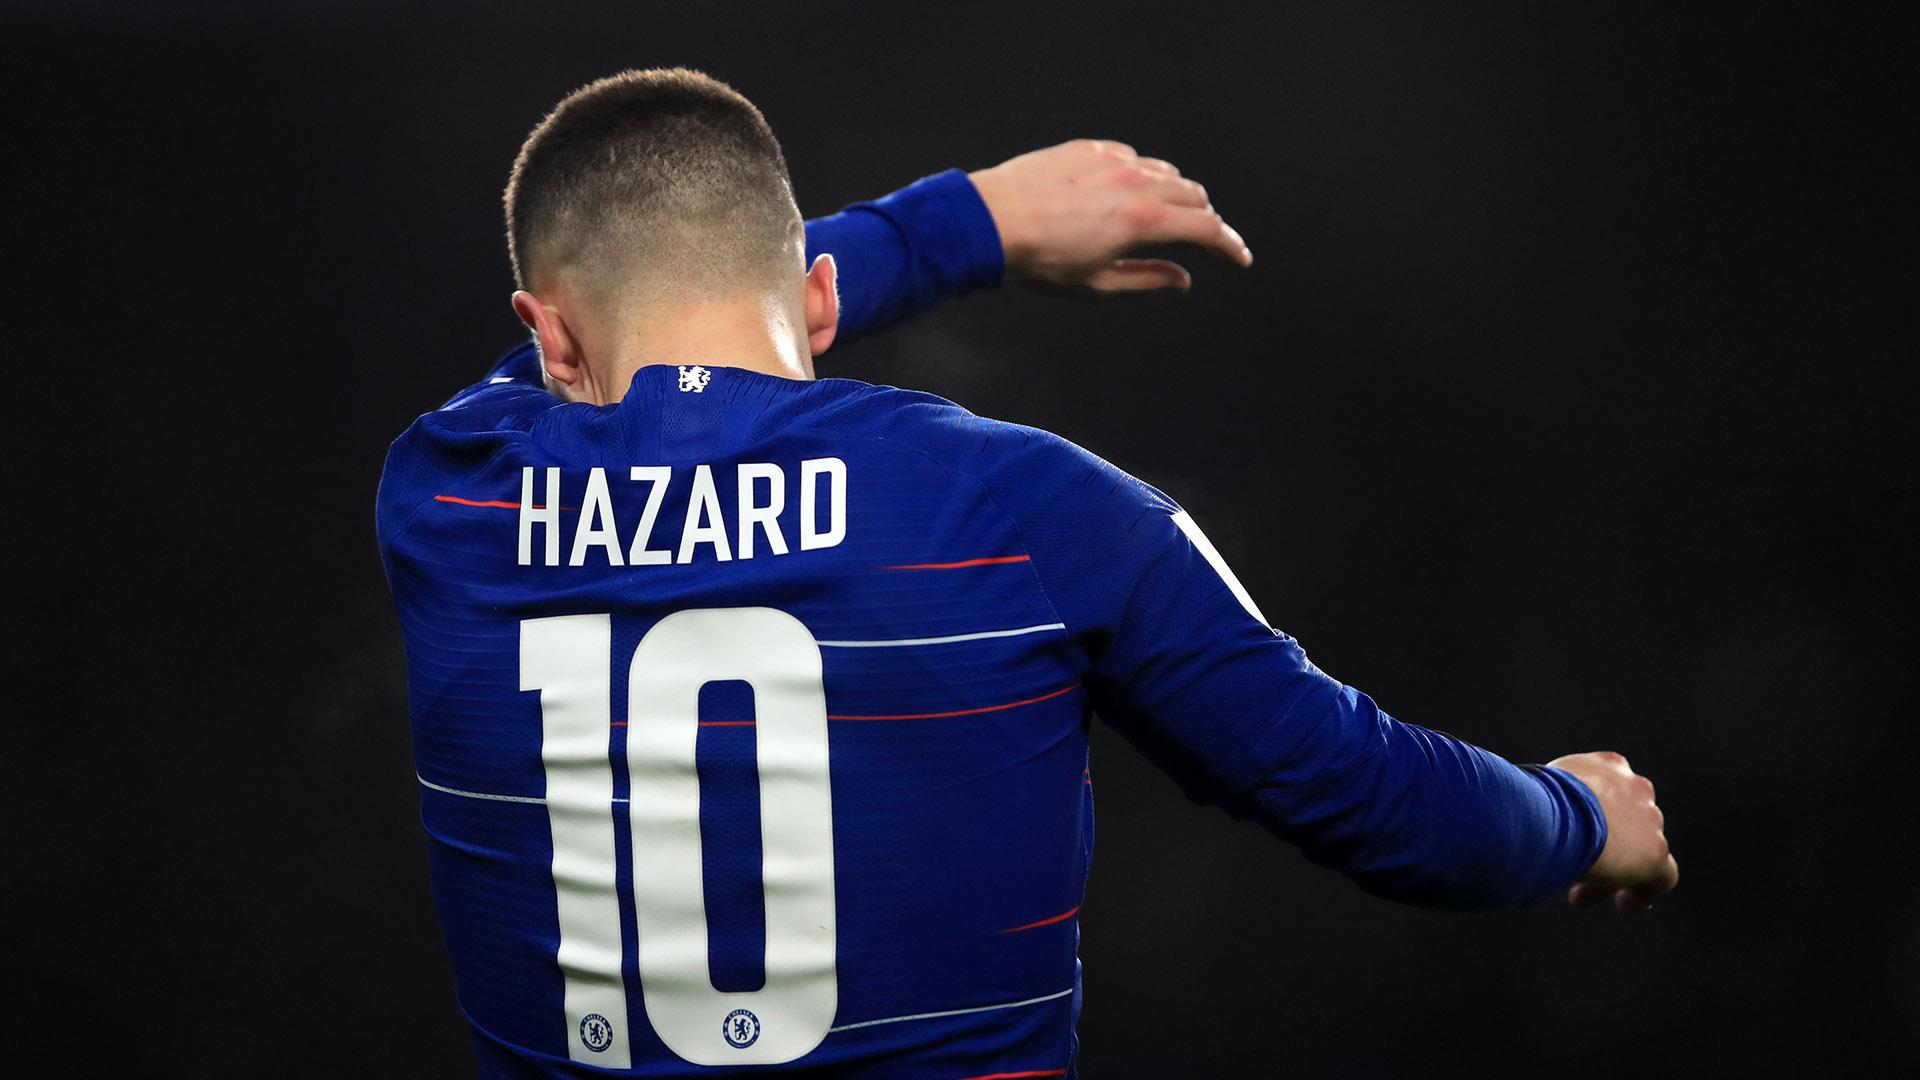 """Real Madrid, quand Modric interdit le 10 à Hazard : """"Il m'a dit de trouver un autre numéro"""""""